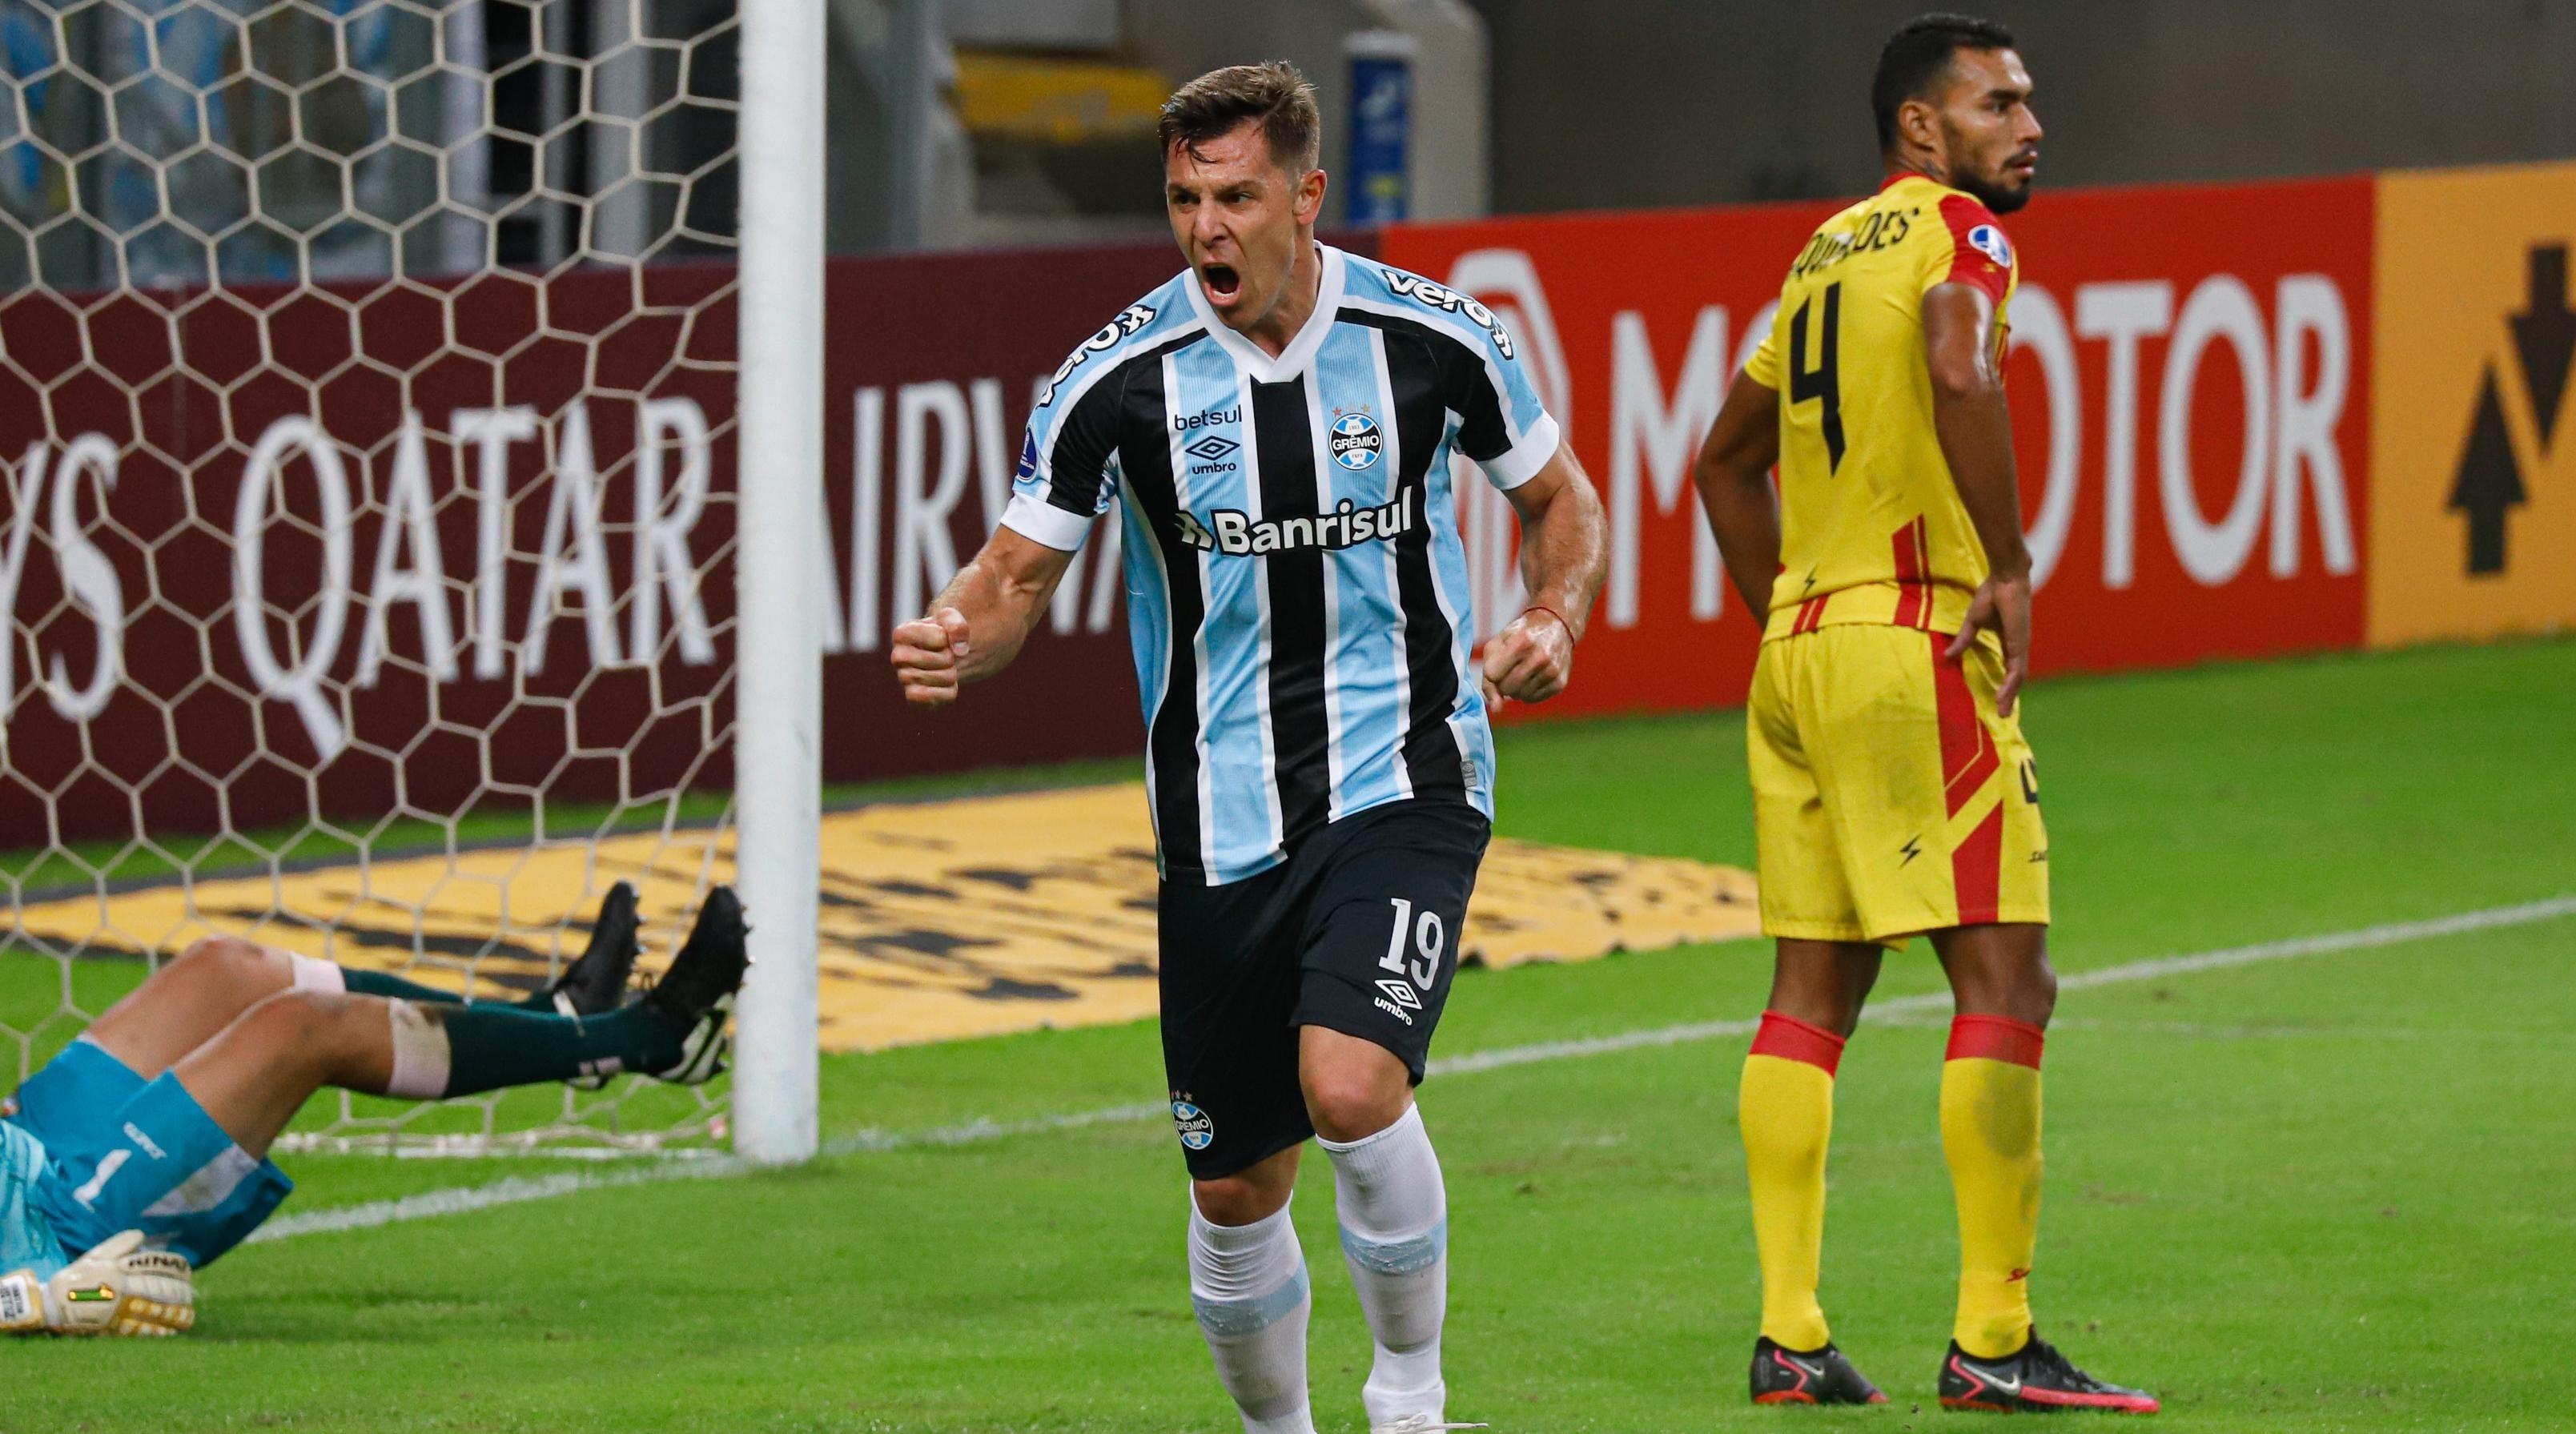 Grêmio goleou em sua última partida pela competição - Foto: Maxi Franzoi/AGIF.